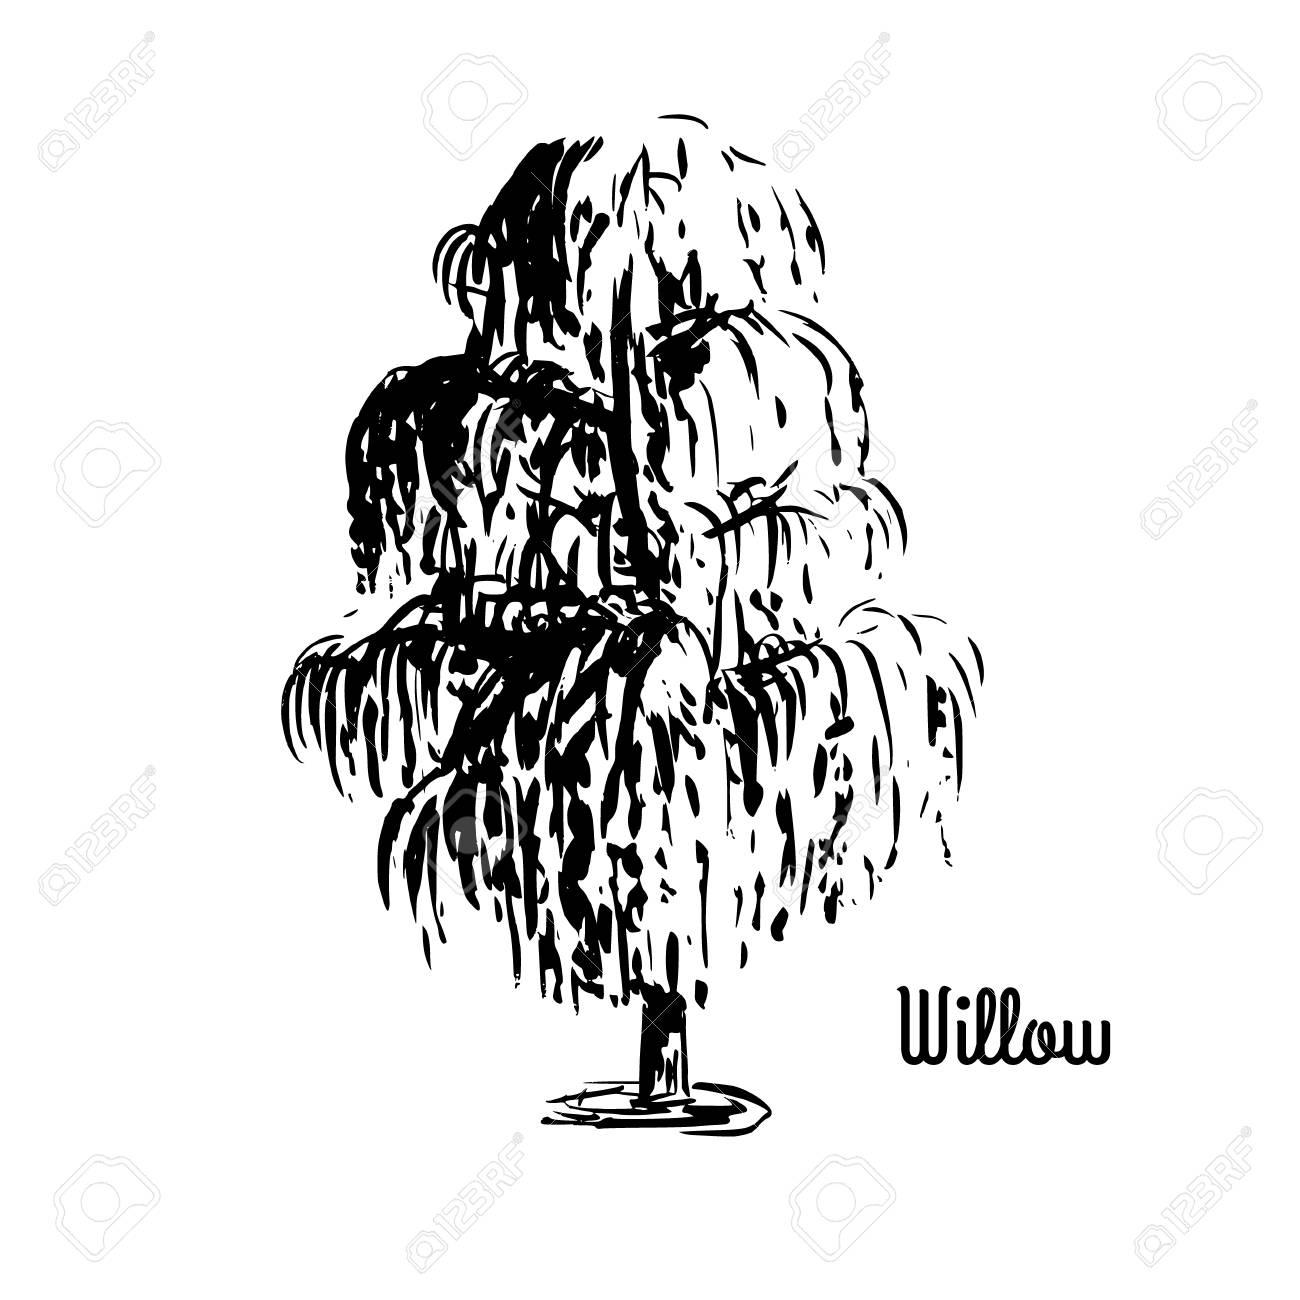 ベクター スケッチ イラスト柳の木が白い背景で隔離の黒いシルエットは